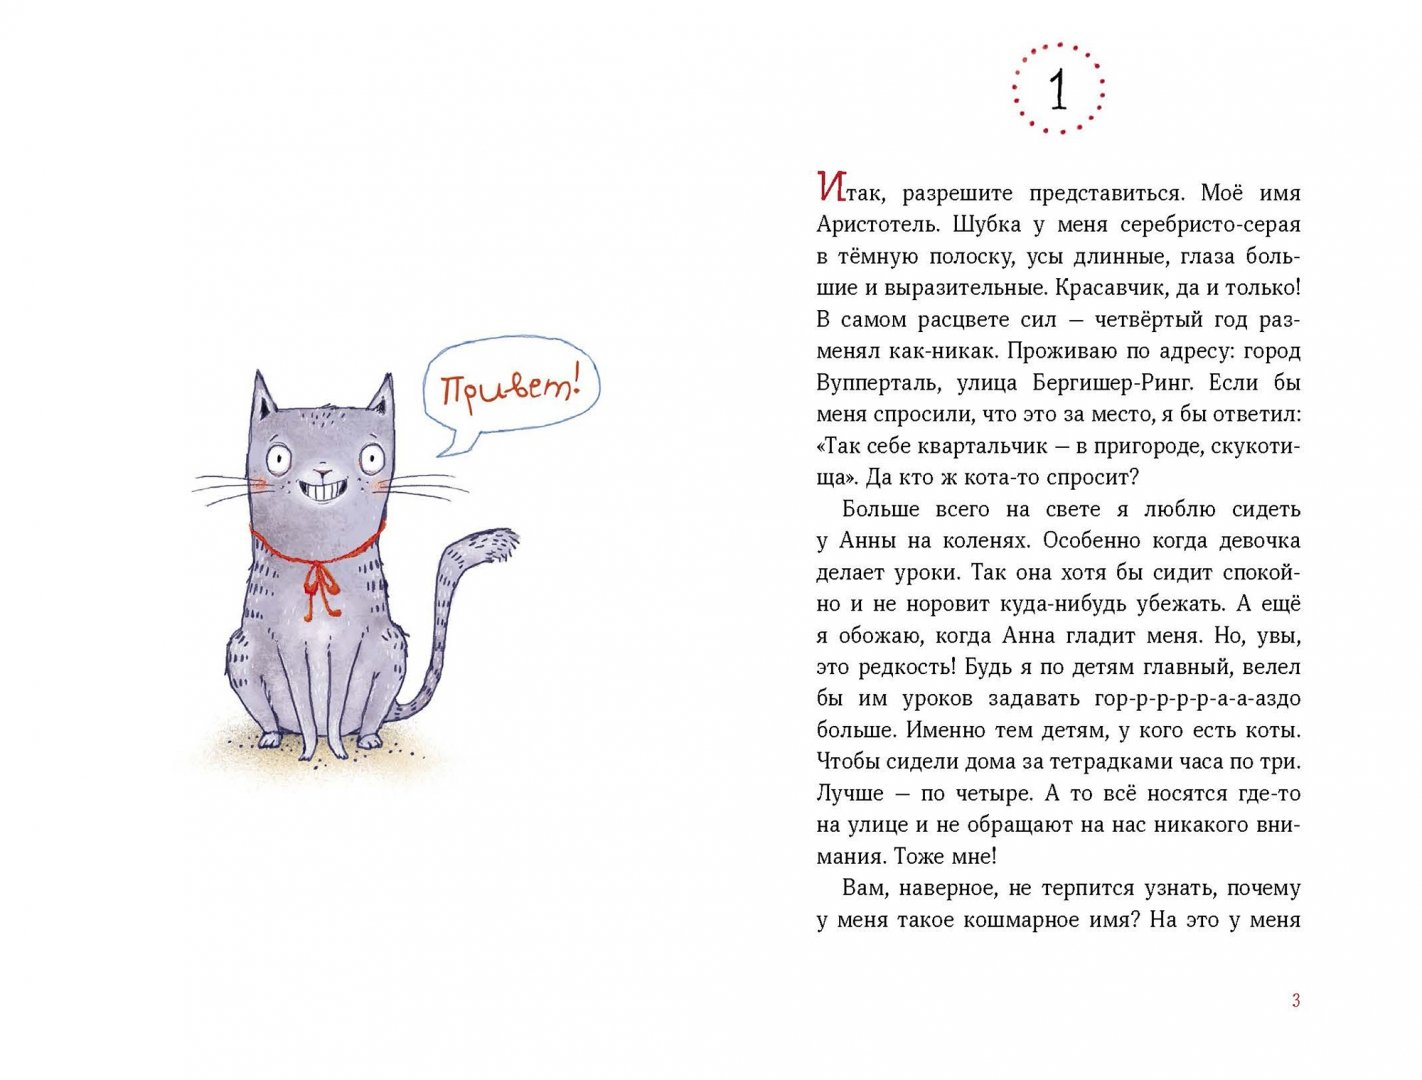 Иллюстрация 2 из 36 для А кота спросить забыли? - Аннетте Херцог | Лабиринт - книги. Источник: Лабиринт